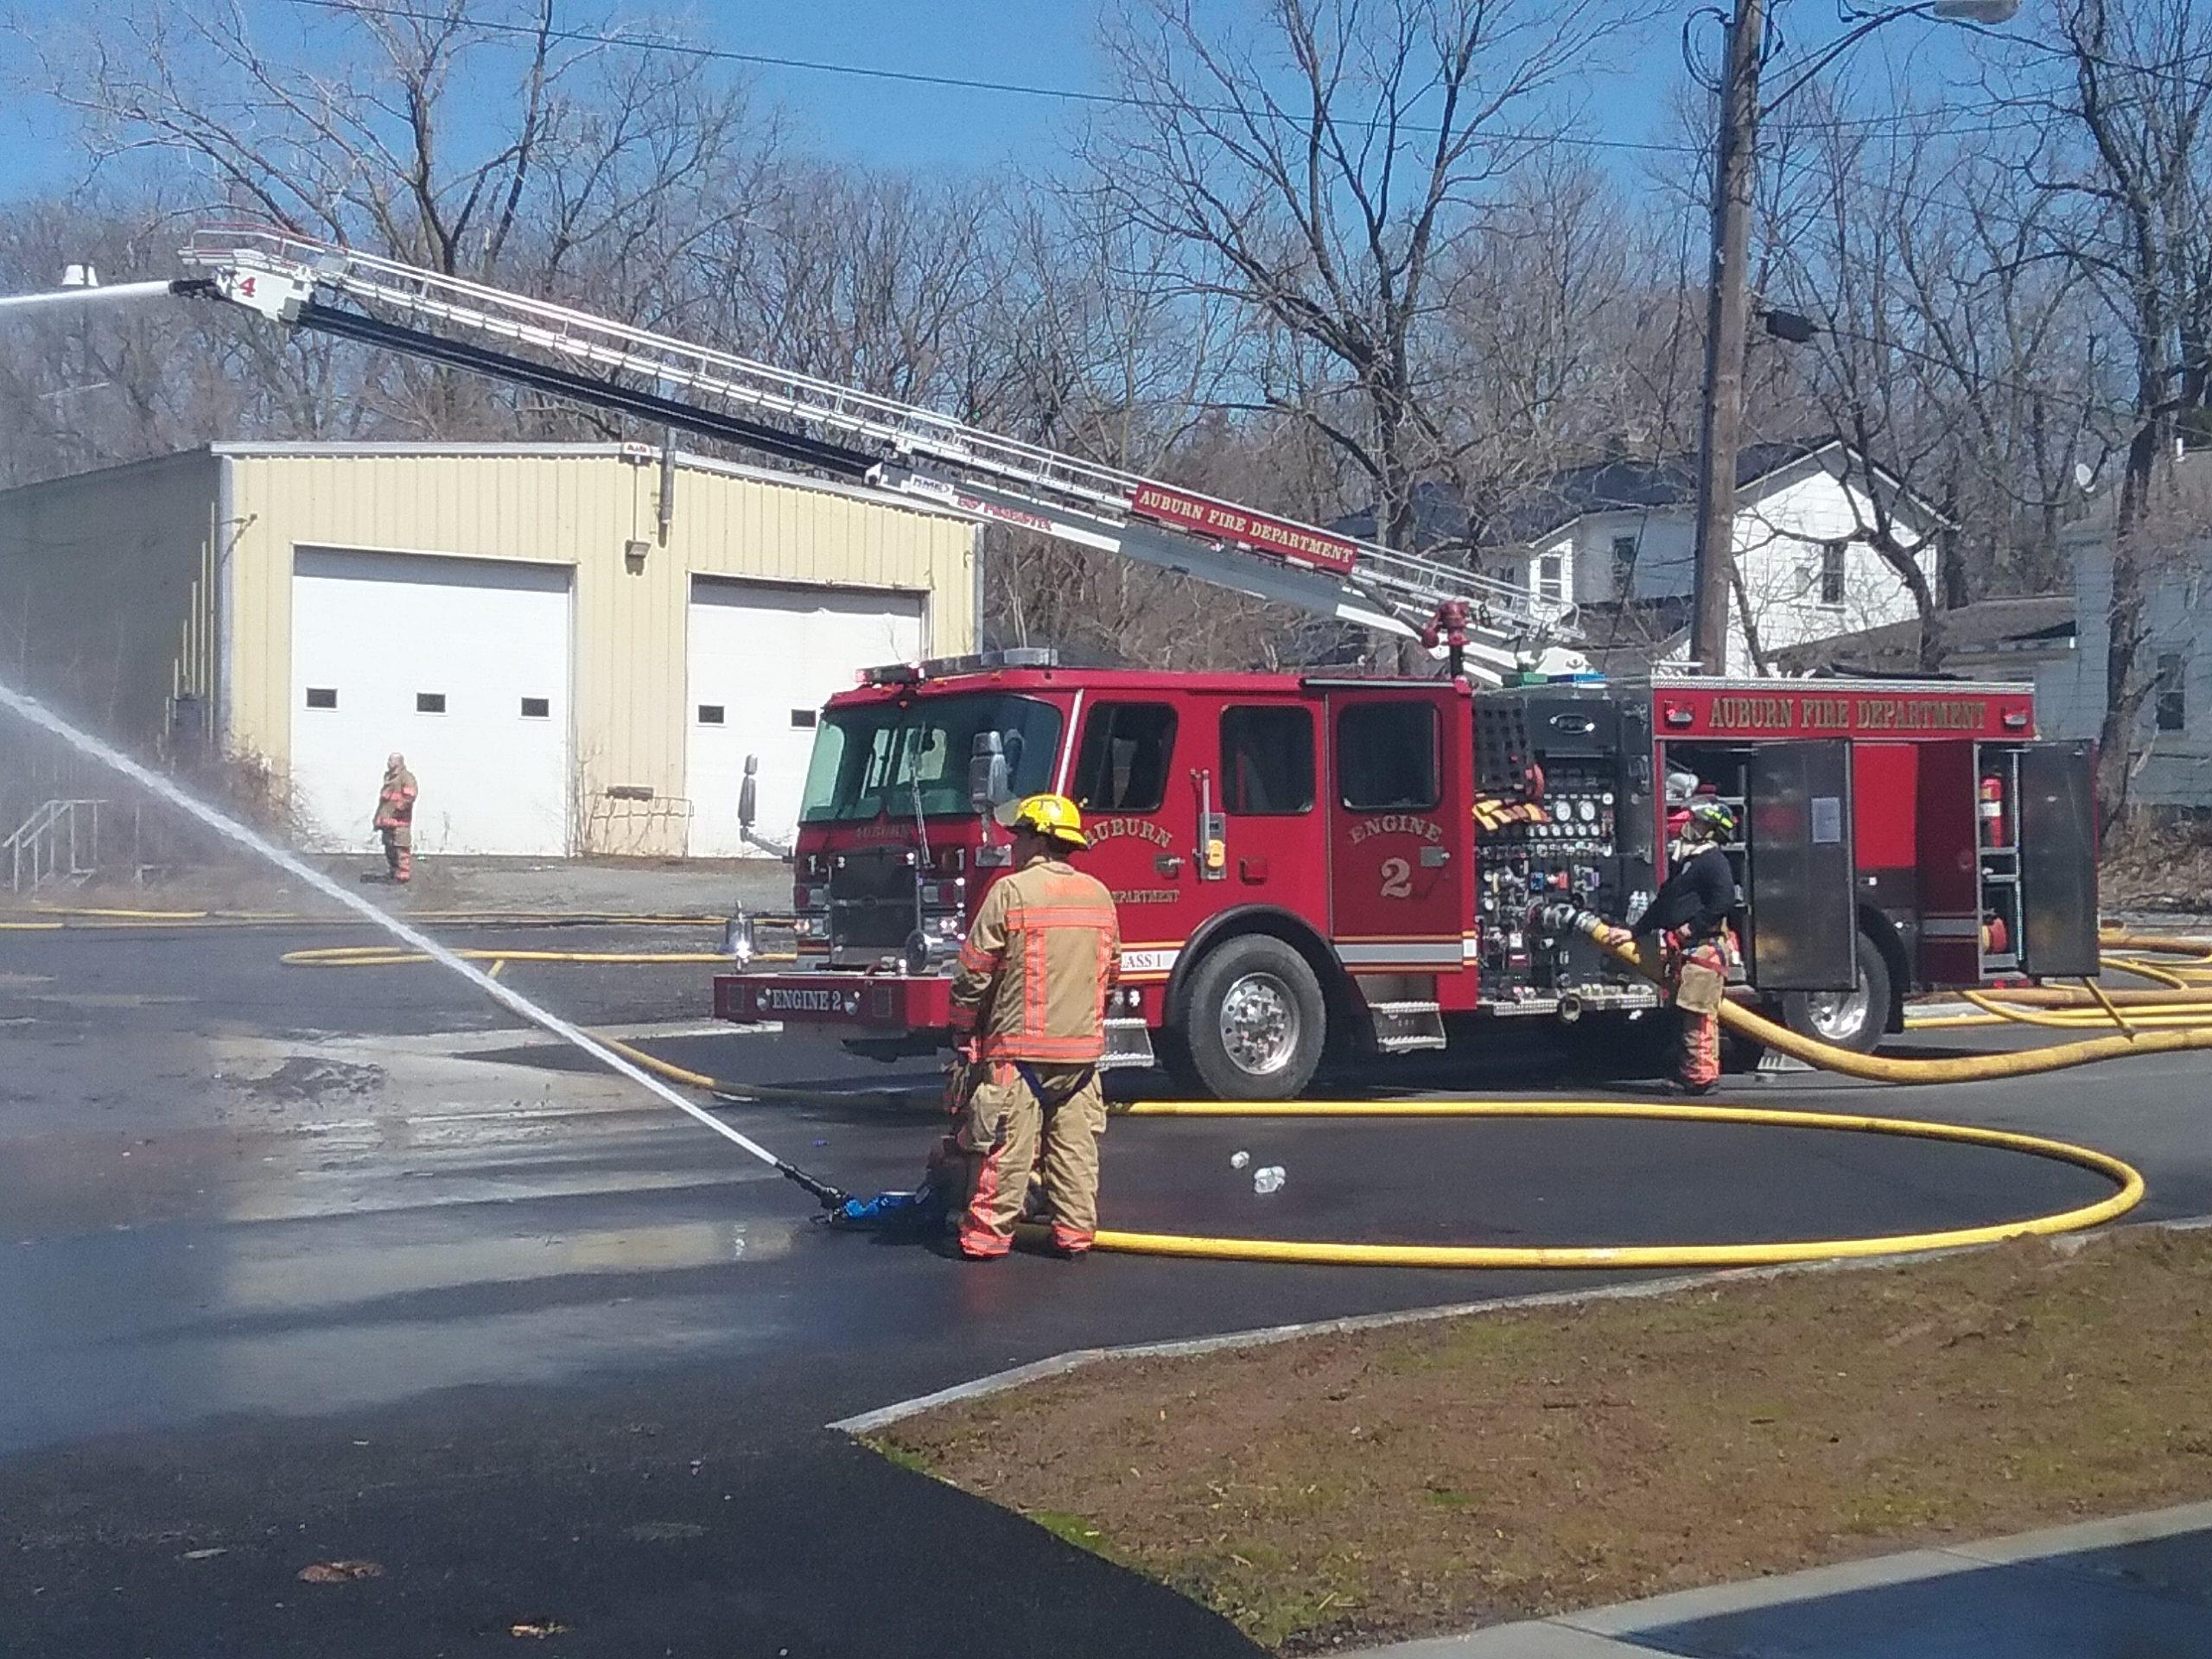 Auburn Fire Dept. Awarded Grants Totaling $650K